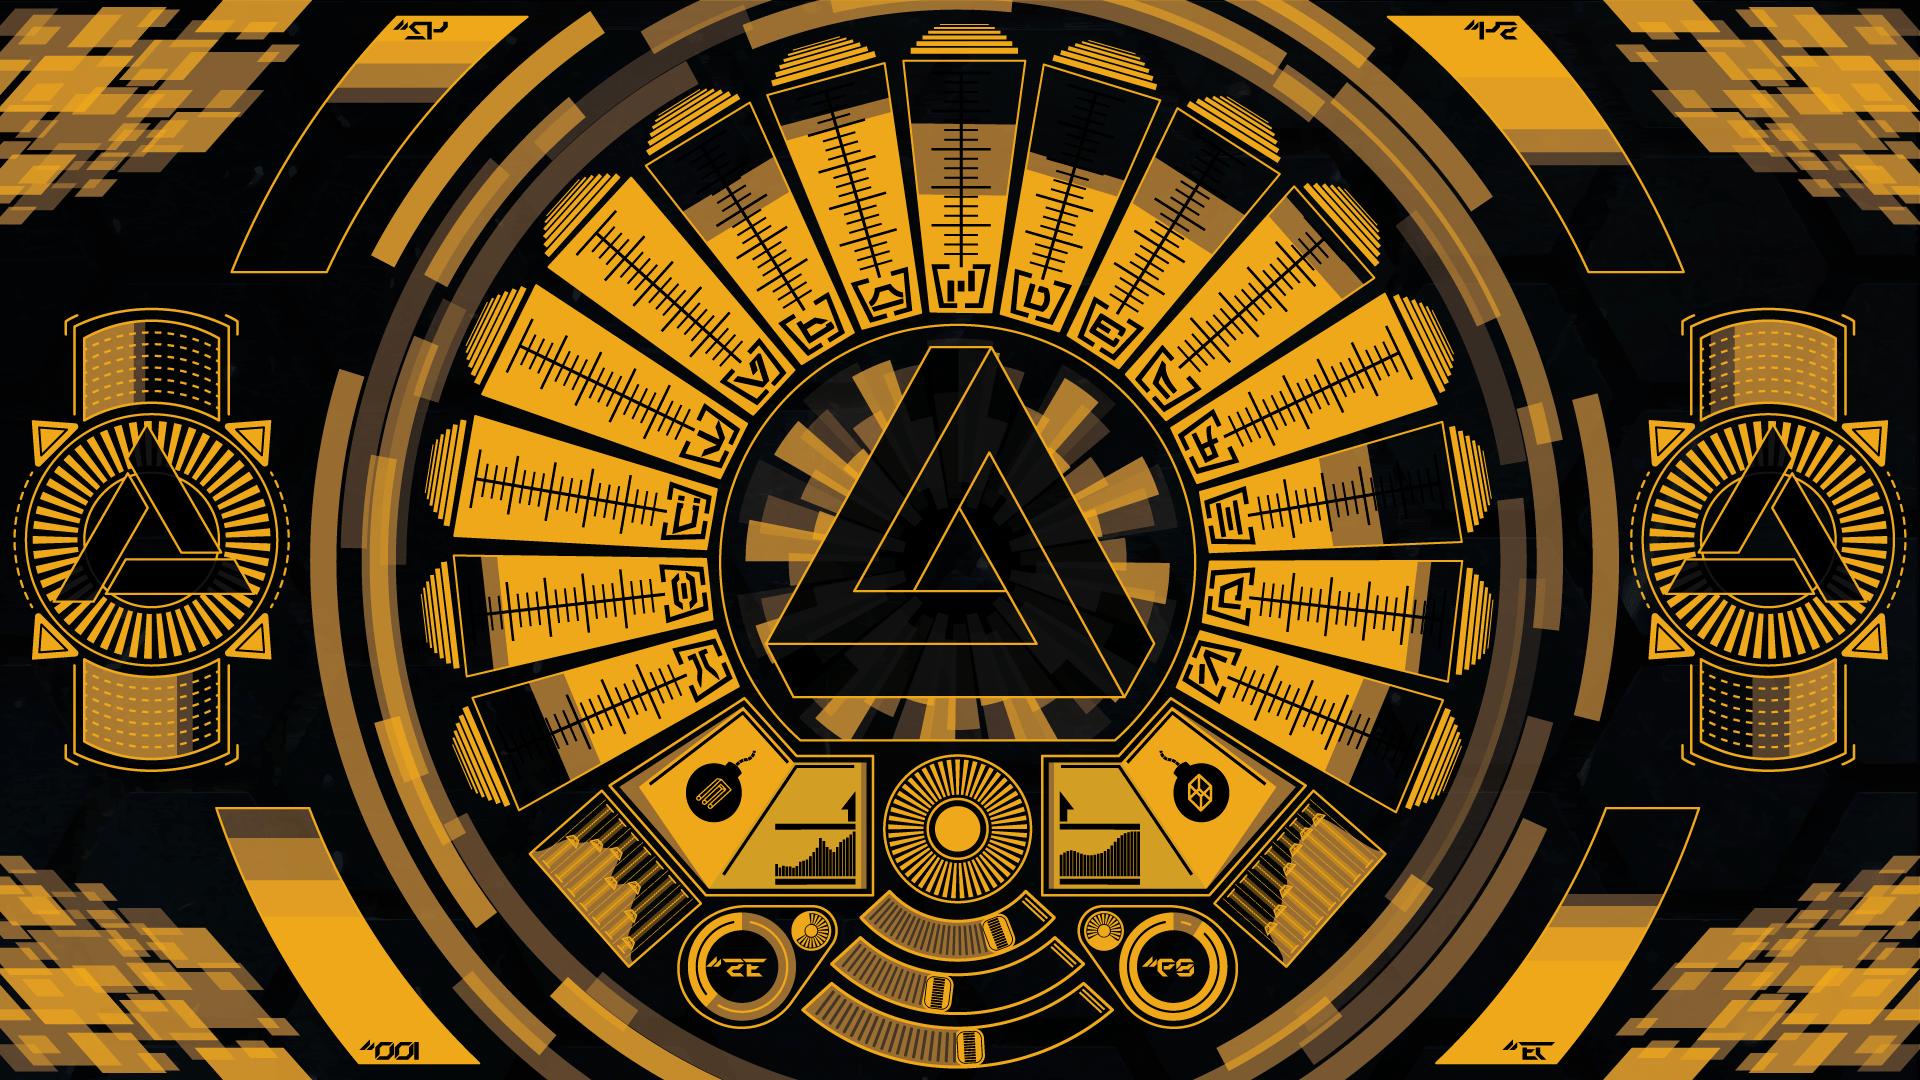 Geometry abstergo industries interfaces sound deus ex